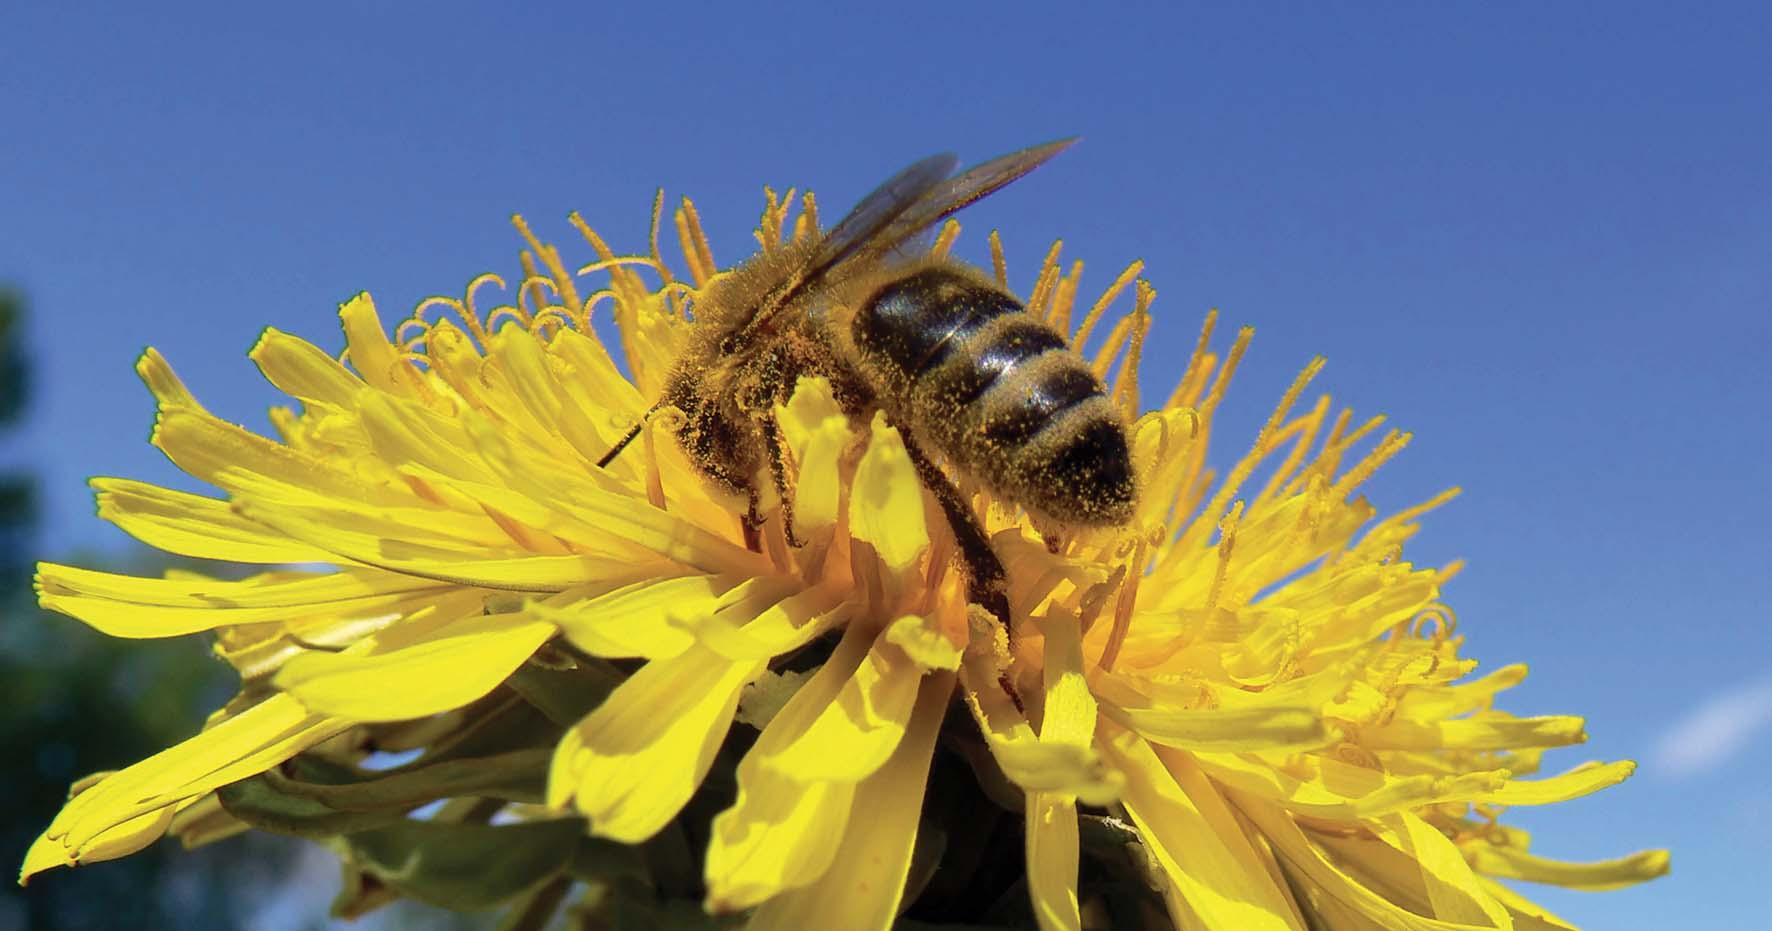 apicoltura ape su fiore impollinazione